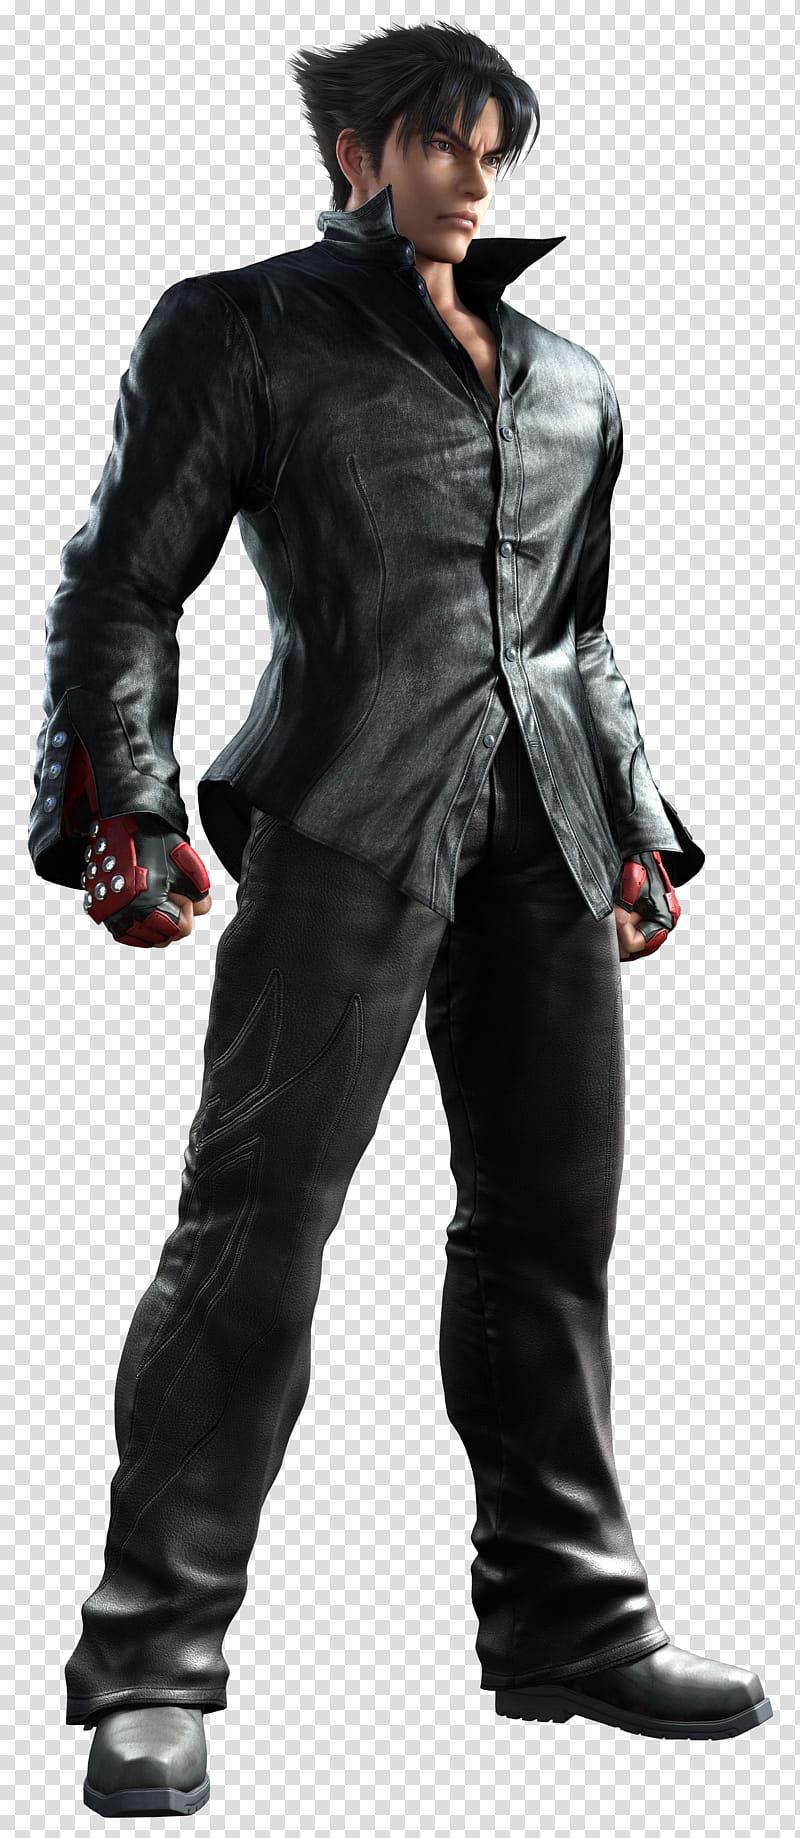 Jin Kazama Blood Vengeance Cg Art Tekken Character Jin Kazama Tekken Blood Vengeance 800x1838 Wallpaper Teahub Io